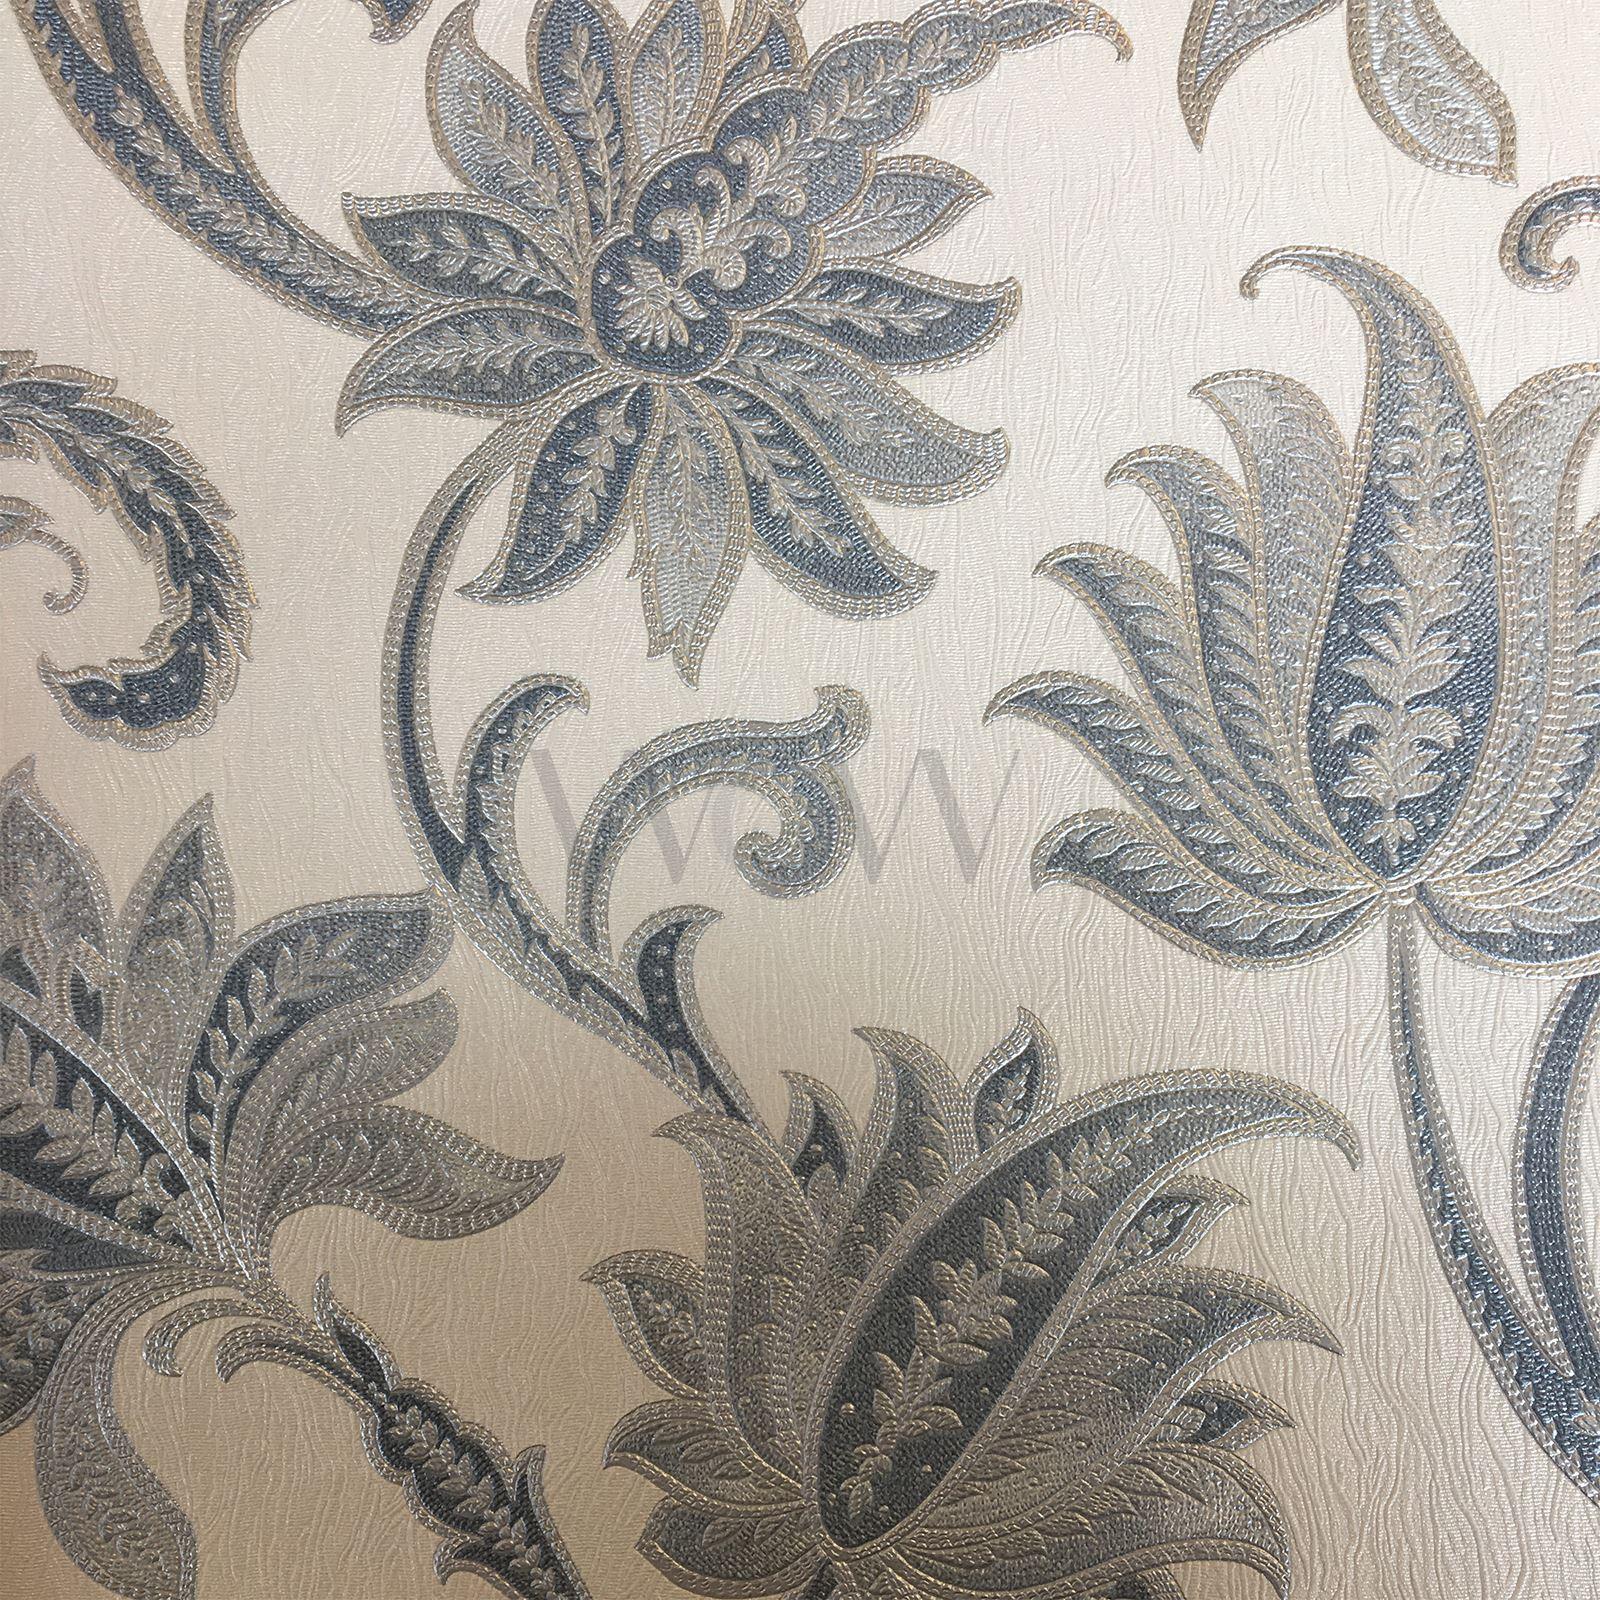 blau silber sorrento blumen spur schwer vinyl tapete rasch 519327 neu ebay. Black Bedroom Furniture Sets. Home Design Ideas